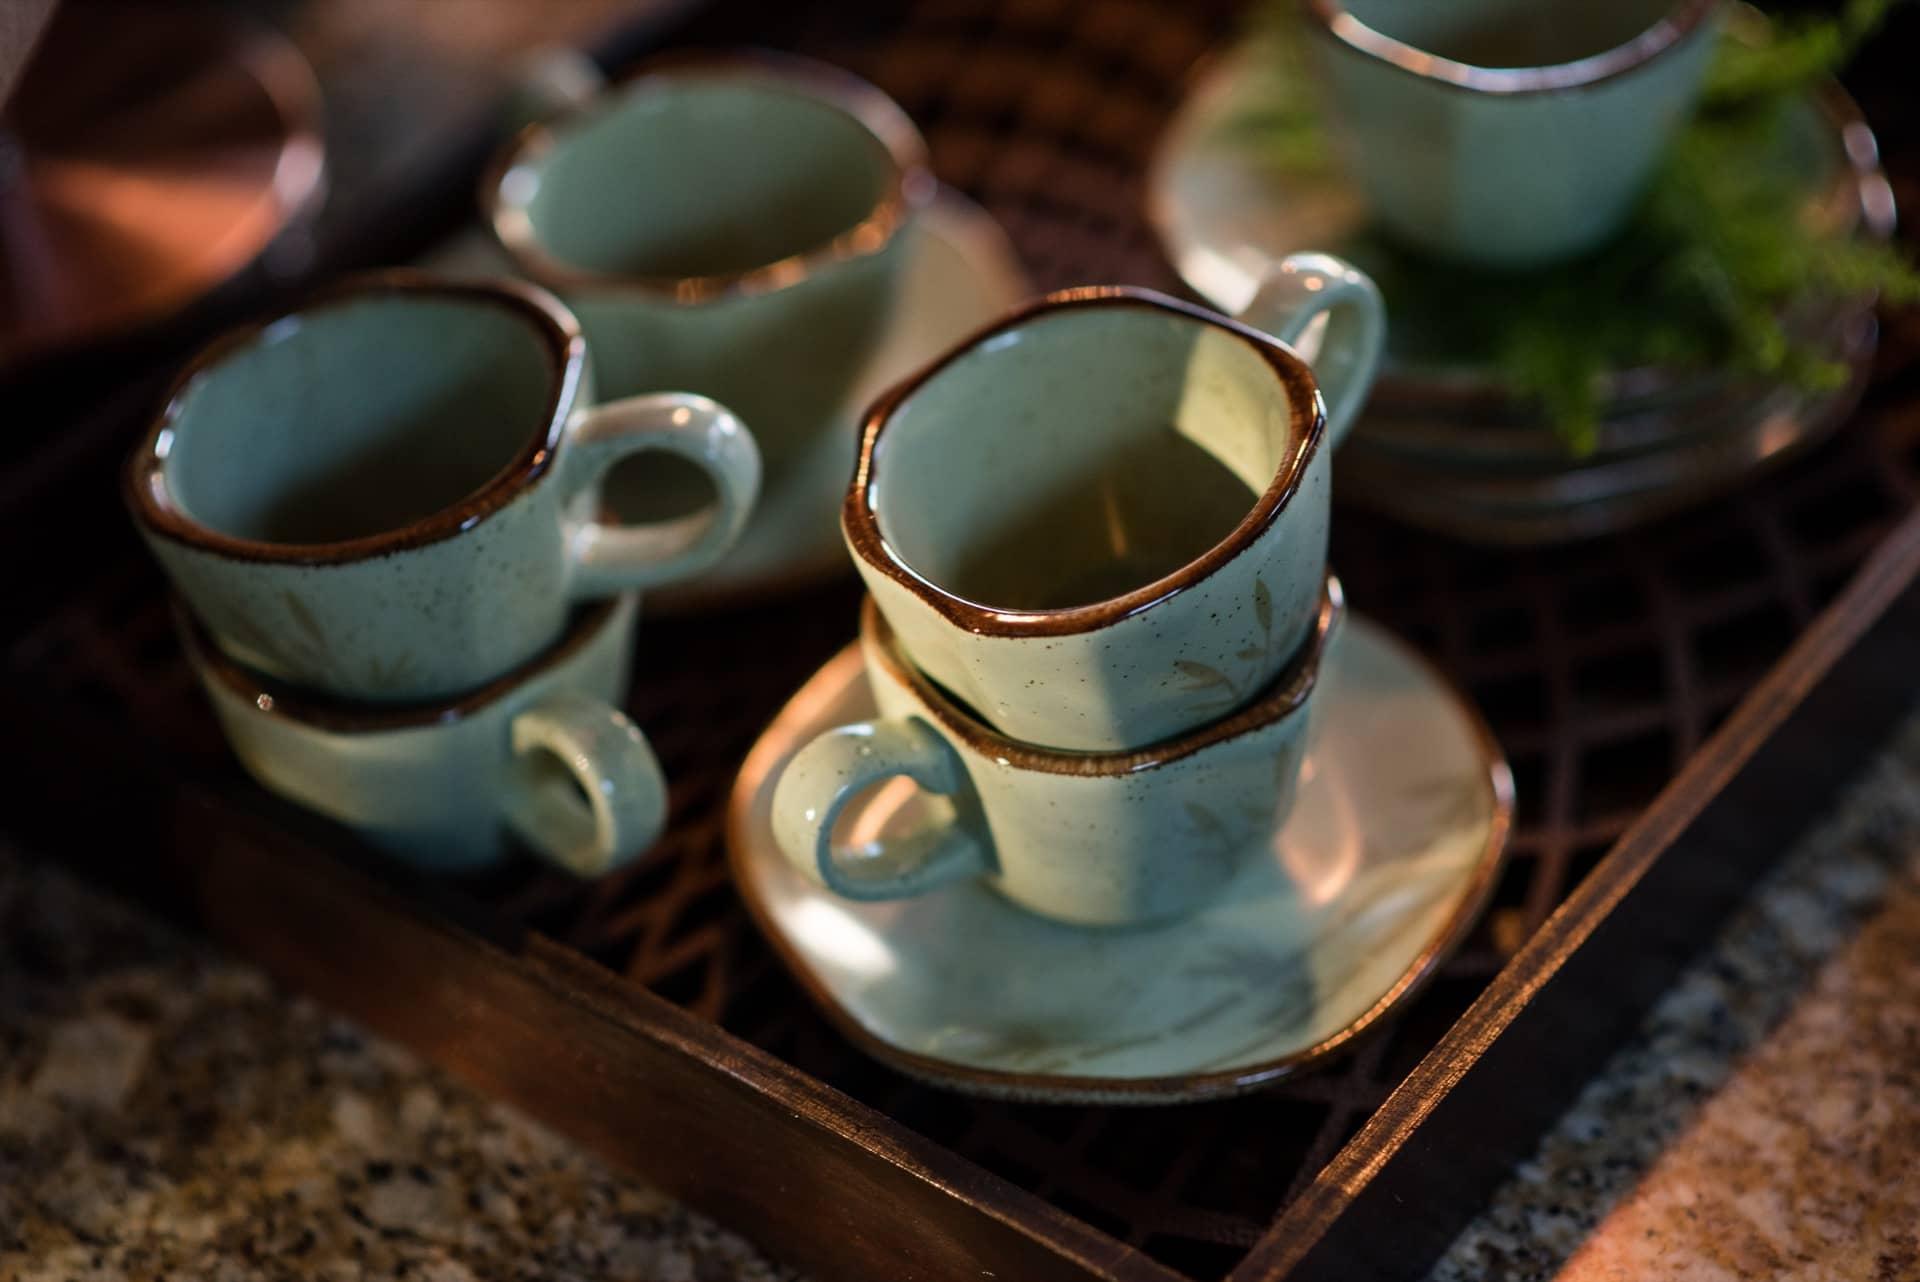 Imagem: Como a decoração tem clima rústico, sirva o café numa bandeja de madeira ou bambu, com algumas xícaras empilhadas. Fica um charme! Foto: Karla Rudnick